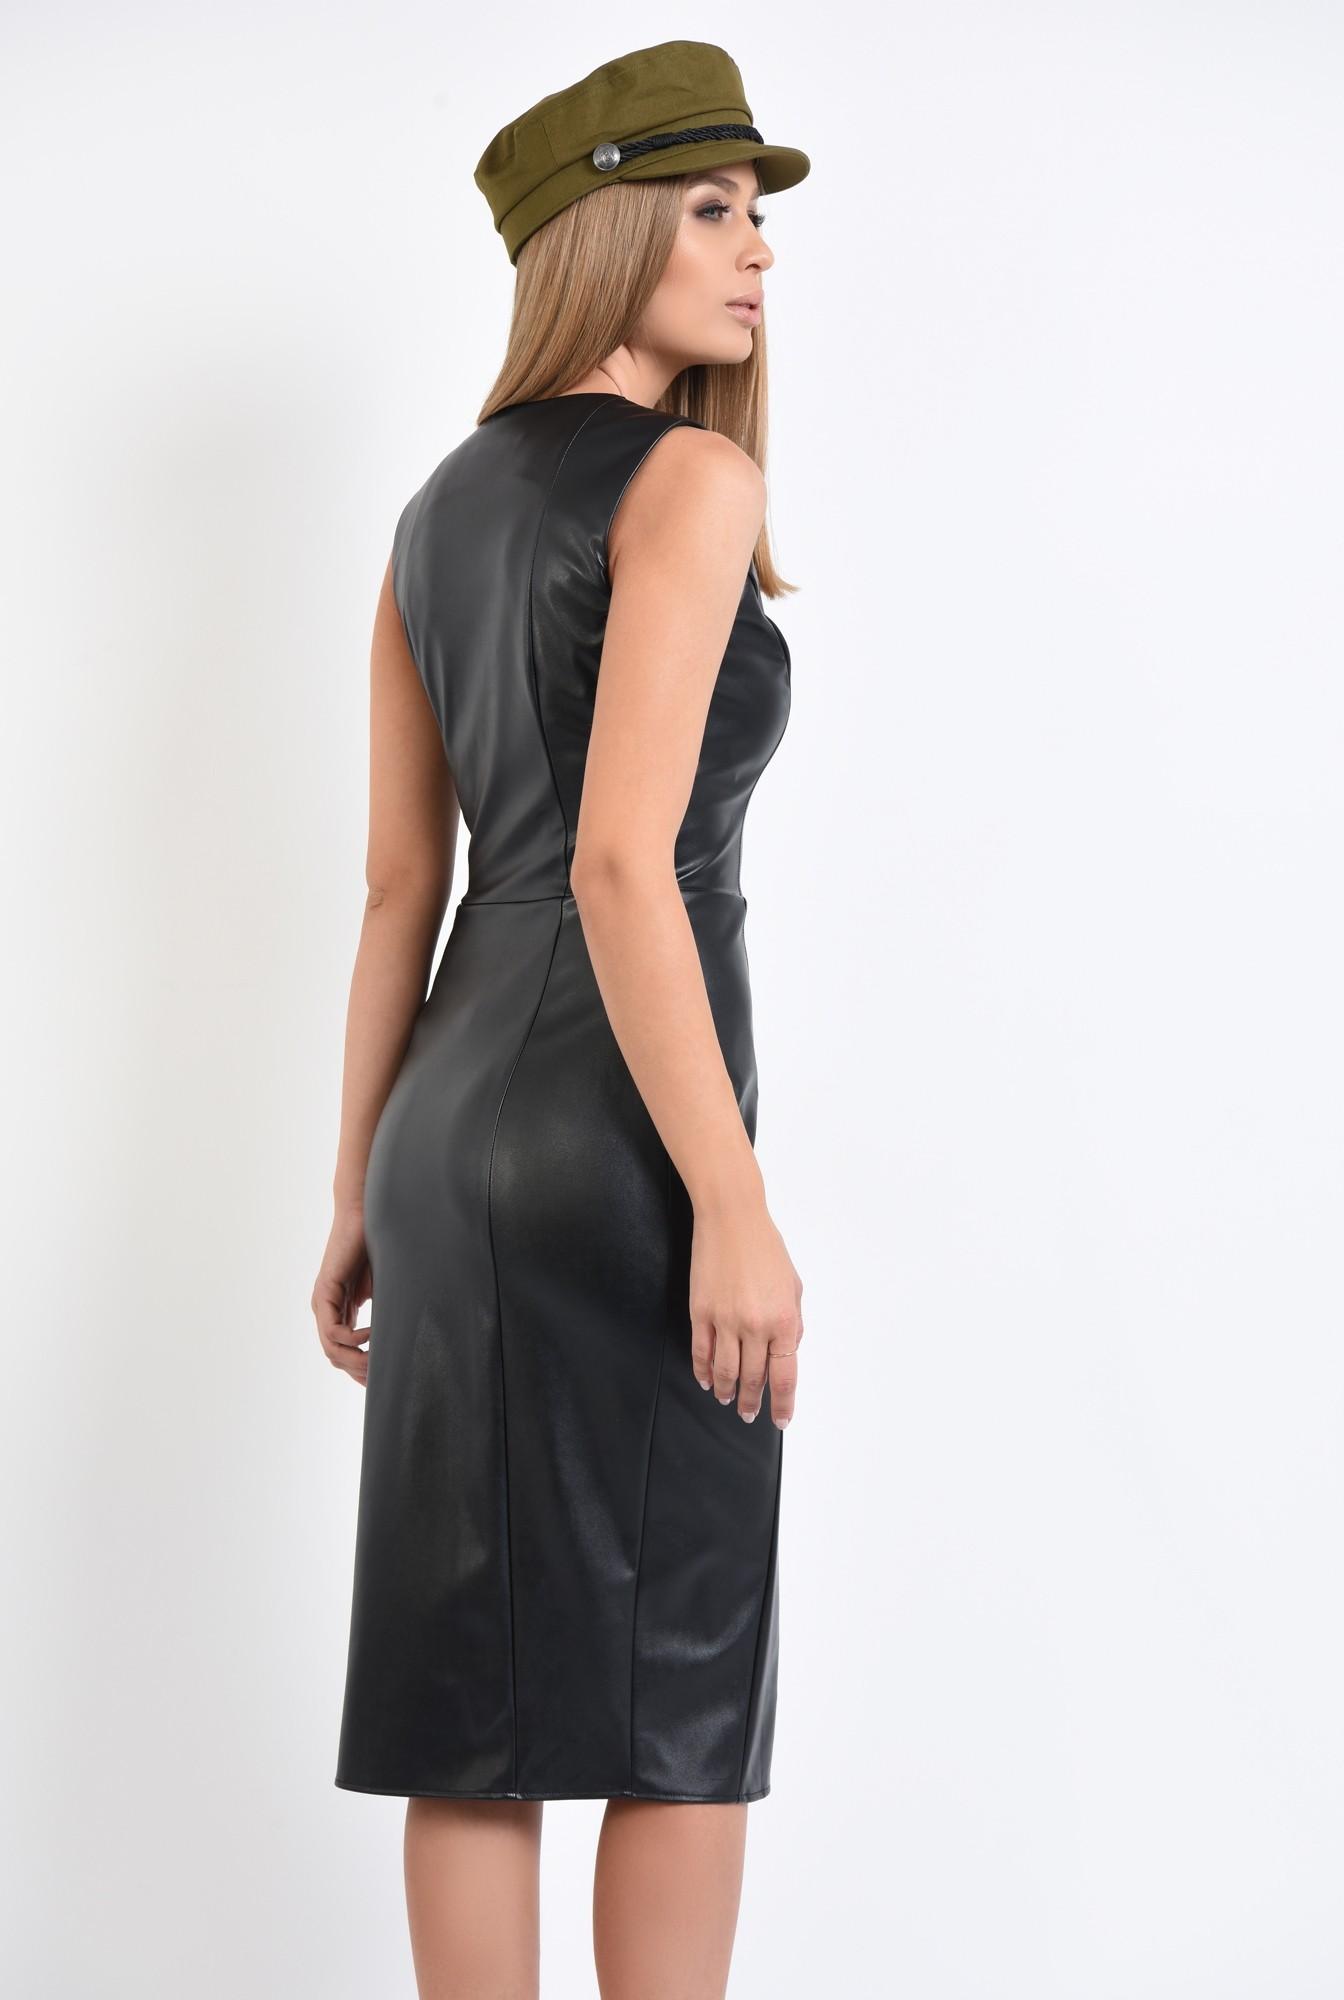 1 - rochie de zi, neagra, cu fermoar, slit la fata